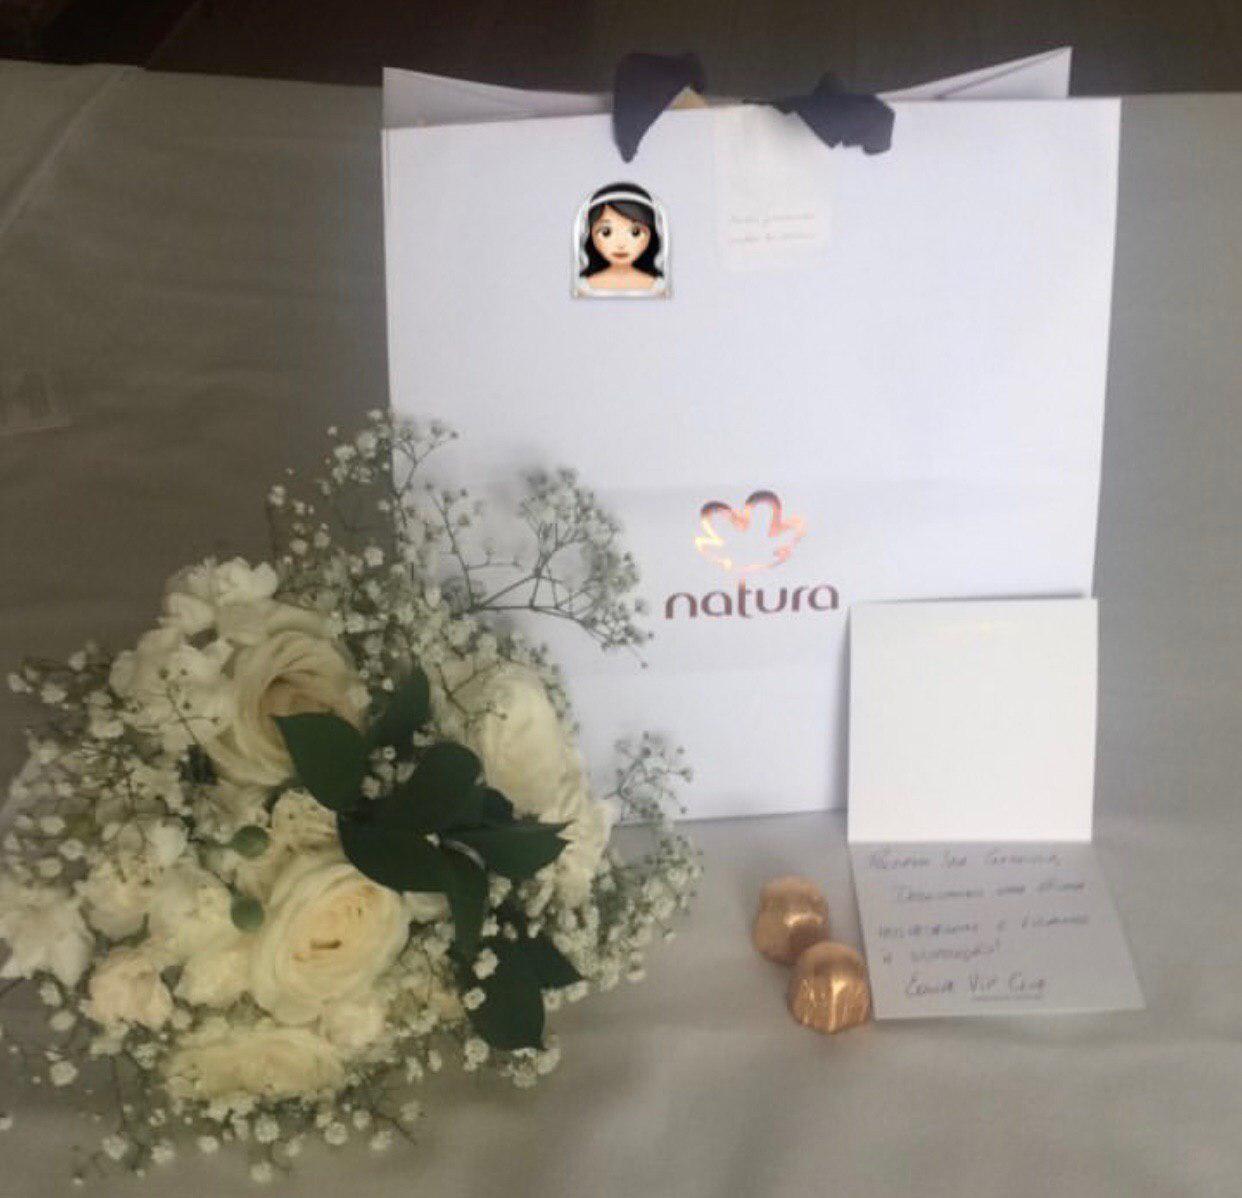 dia-da-noiva-lembrancas-da-gabi-blog2